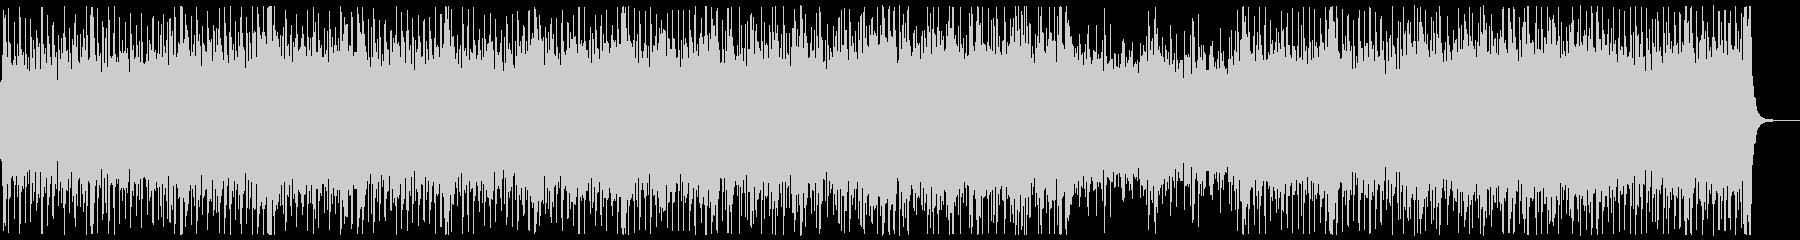 和楽器・和風・サムライロック:フルx1の未再生の波形